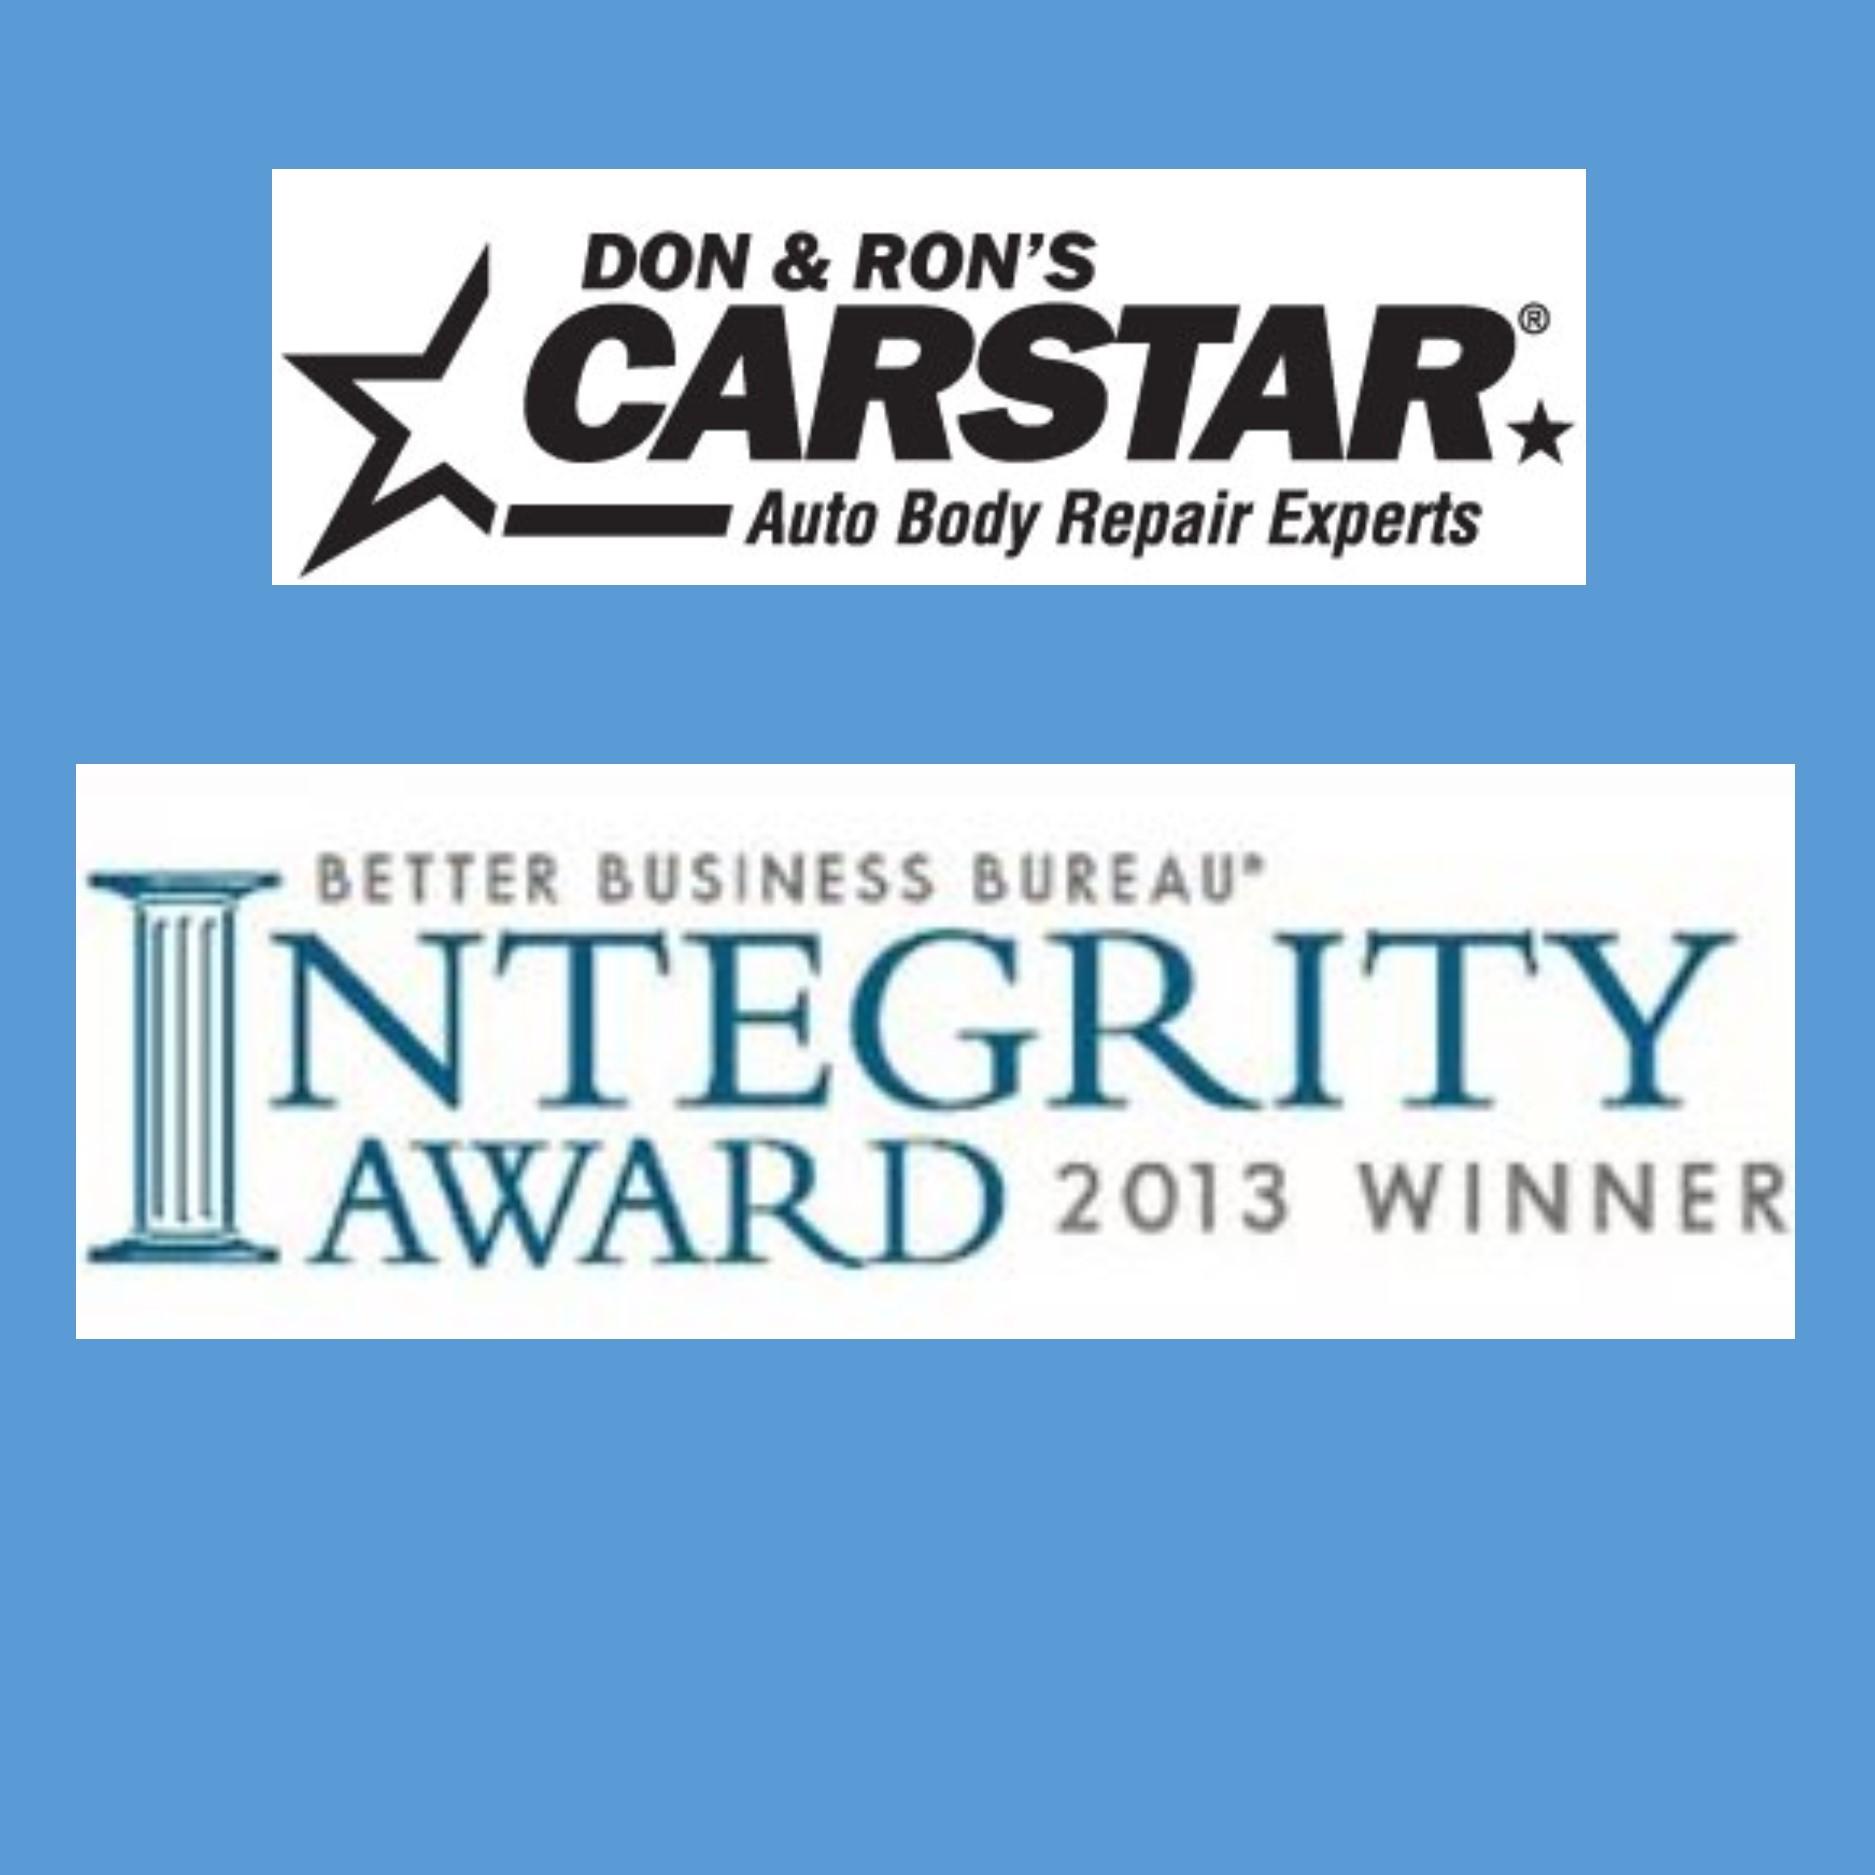 CARSTAR Don & Ron's: BBB Award